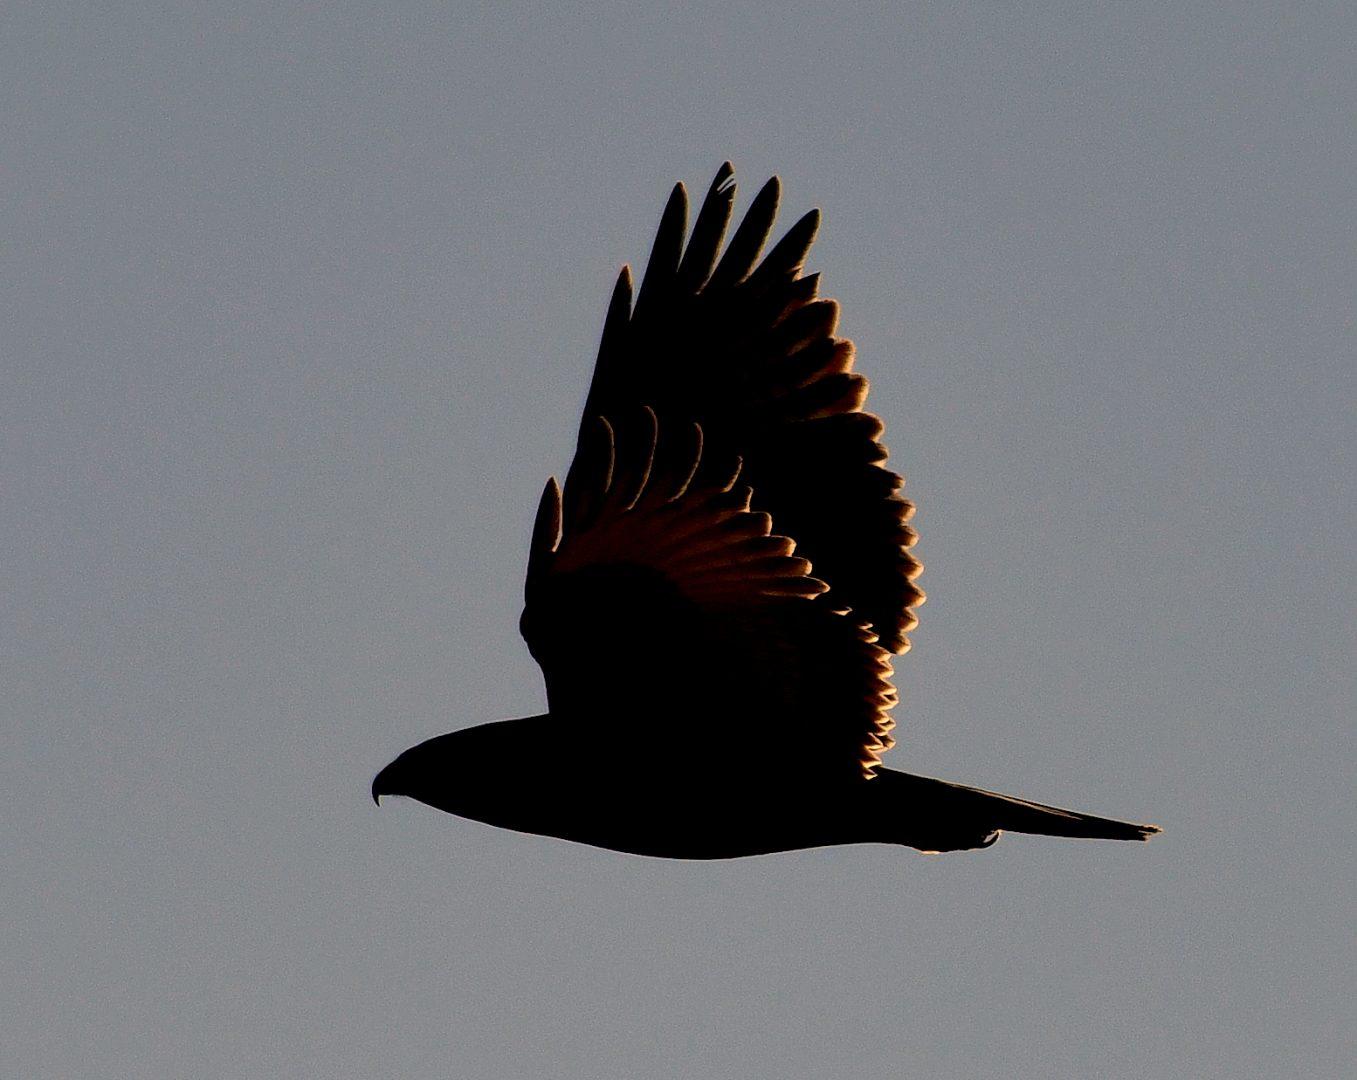 Ferruginous Hawk | Estancia, N.M. | Feb. 2021